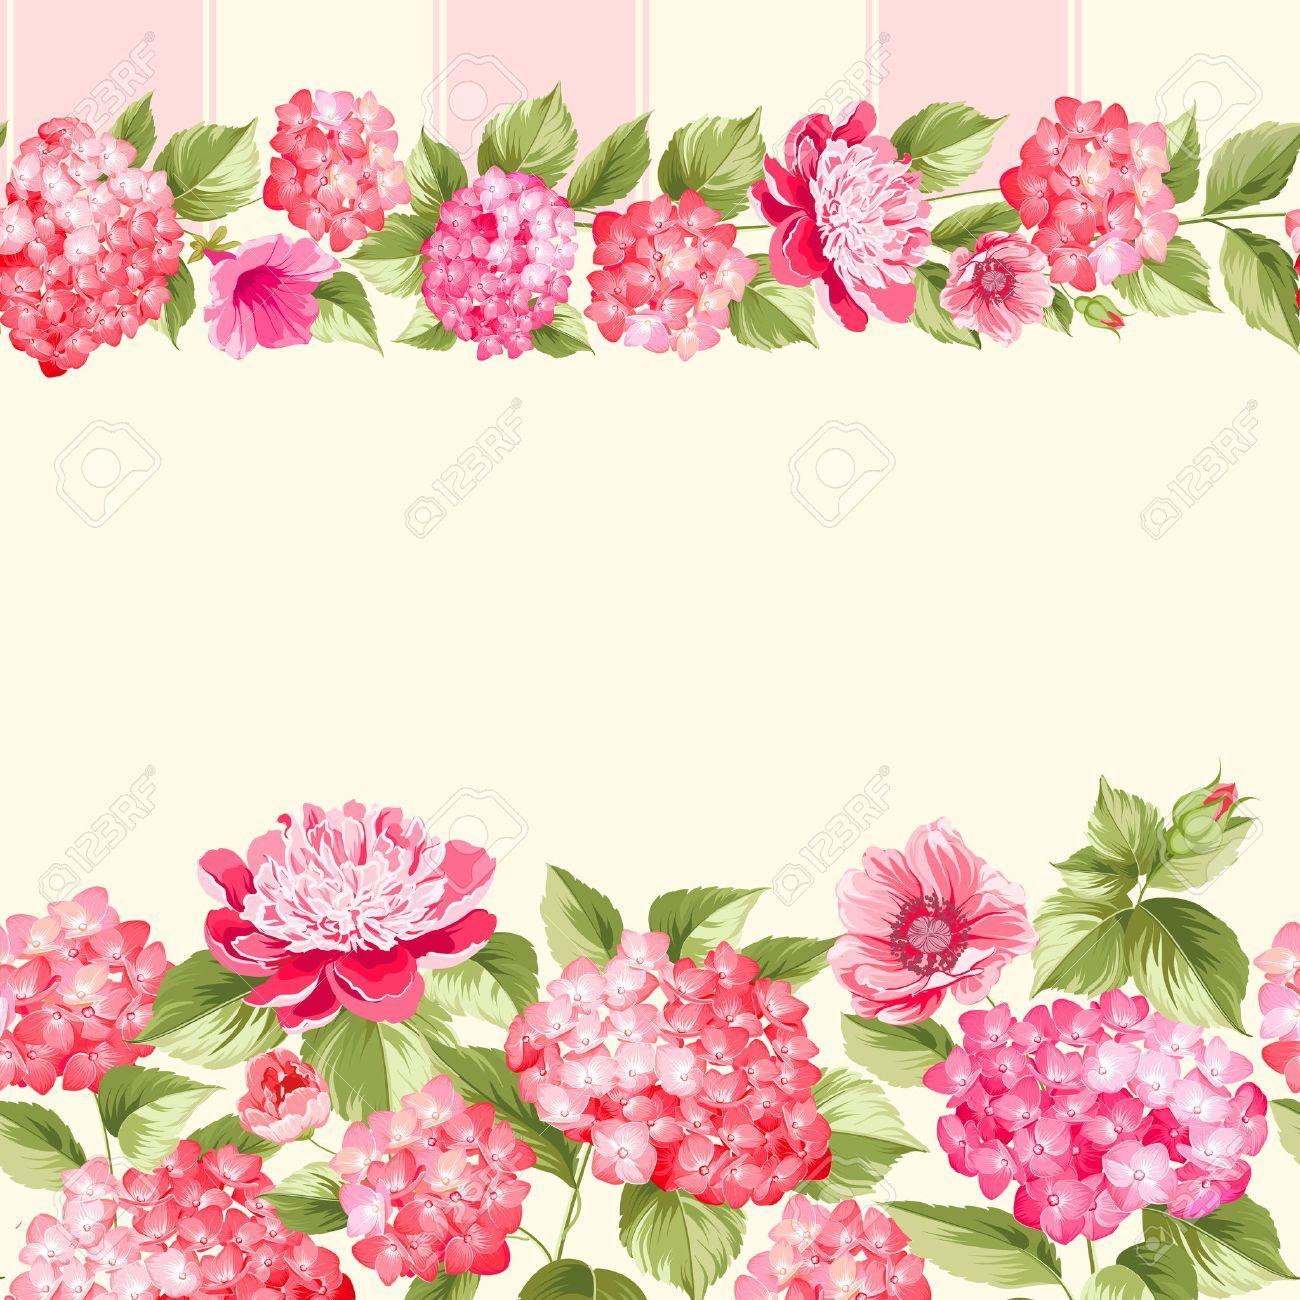 48648173 Pink Flower Border With Tile Elegant Vintage Card Design Roses Floral Vintage Flowers Wallpaper Purple Flowers Wallpaper Flowers Photography Wallpaper